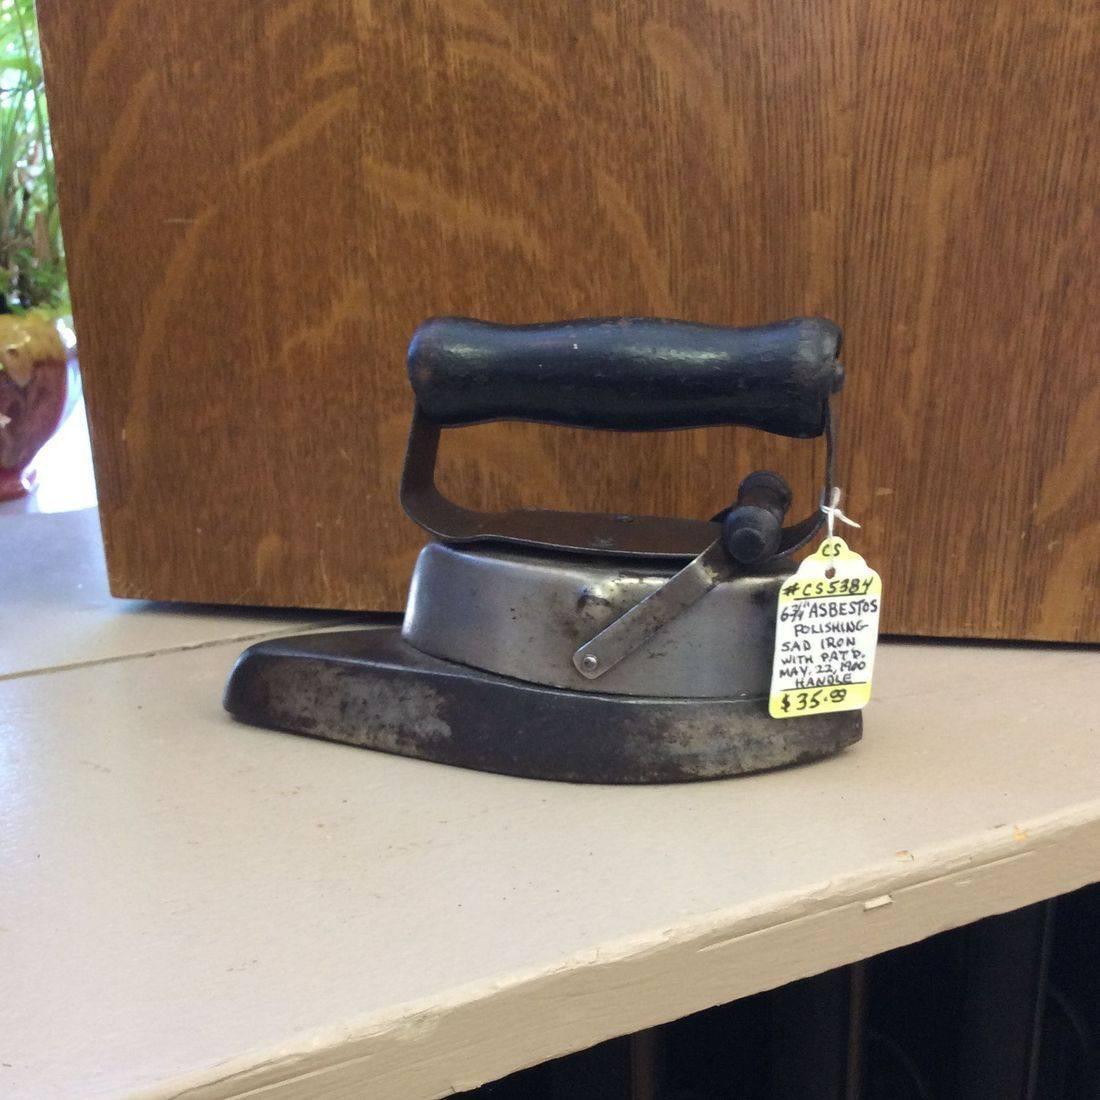 """Pat. 1900 Asbestos 6-3/4""""L. Polishing Sad Iron   $35.00"""